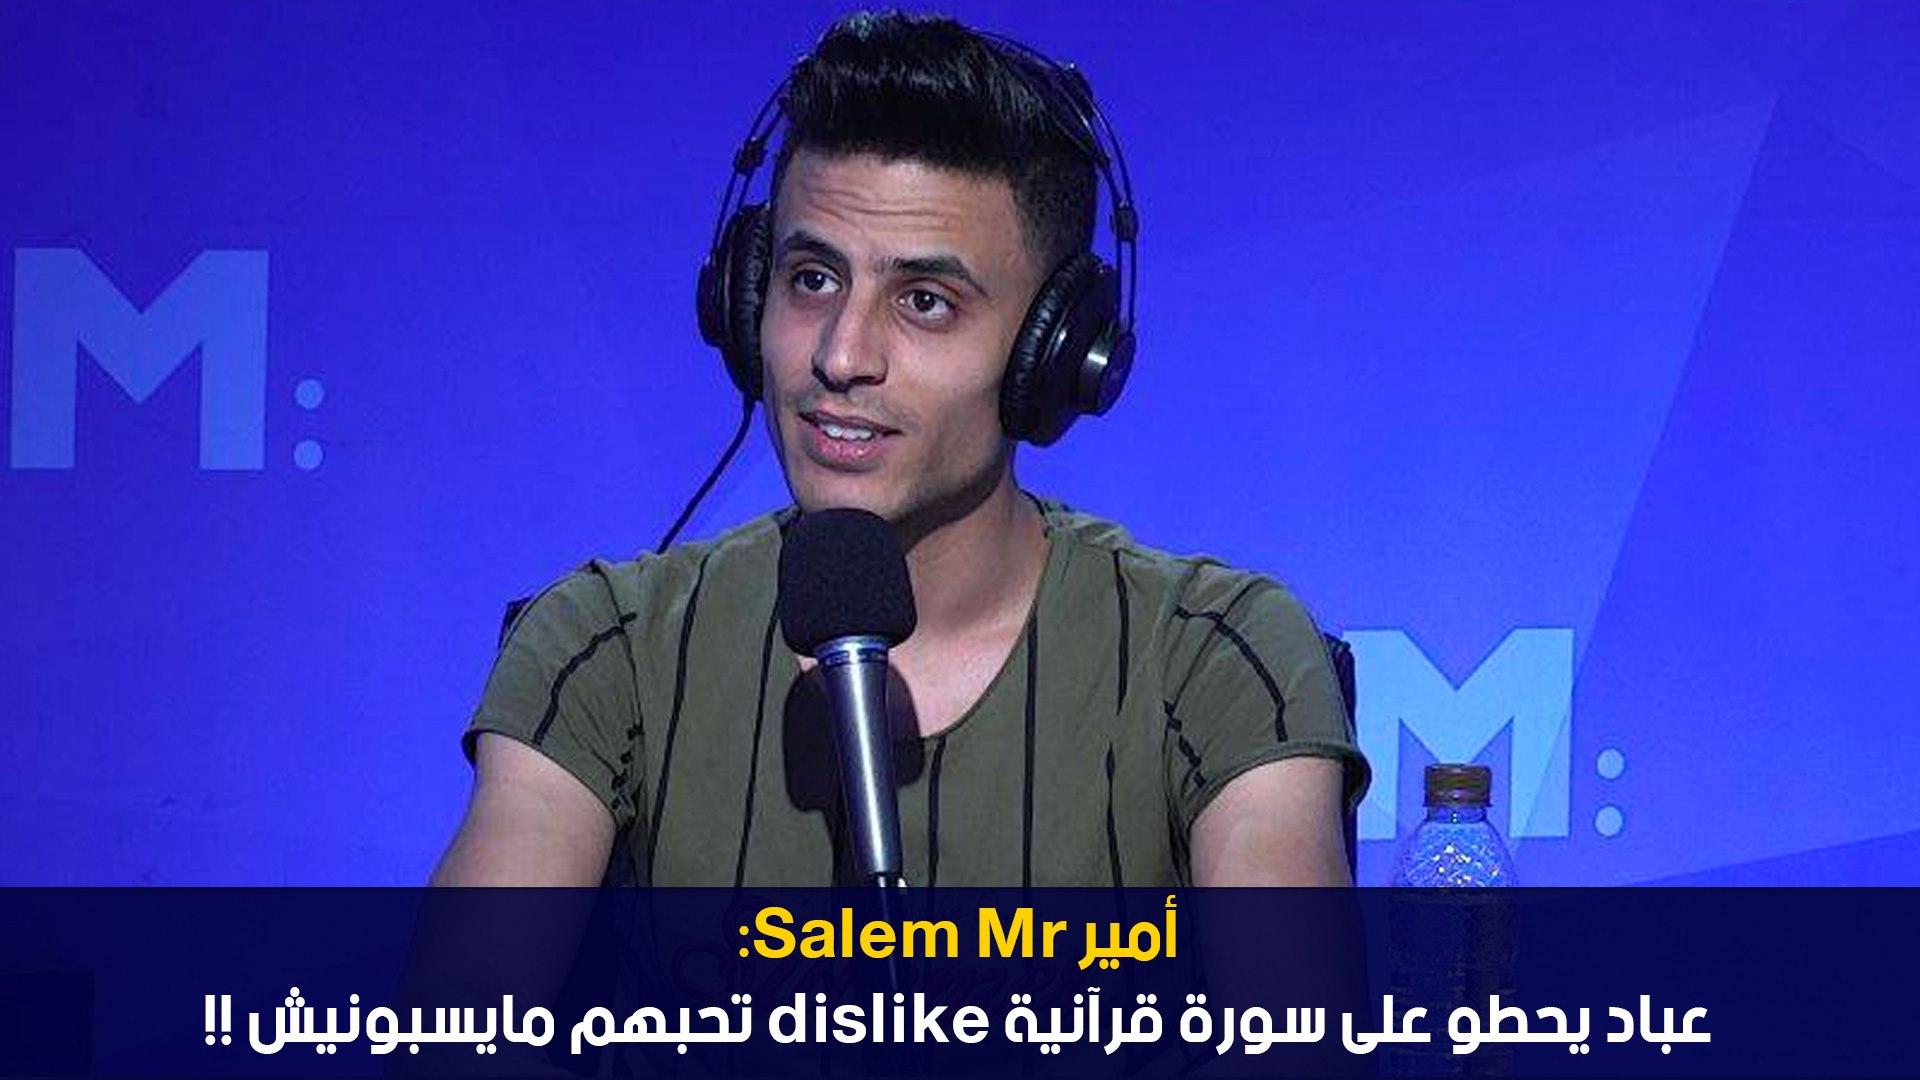 أمير Salem Mr :عباد يحطو على سورة قرآنية dislike تحبهم مايسبونيش !!